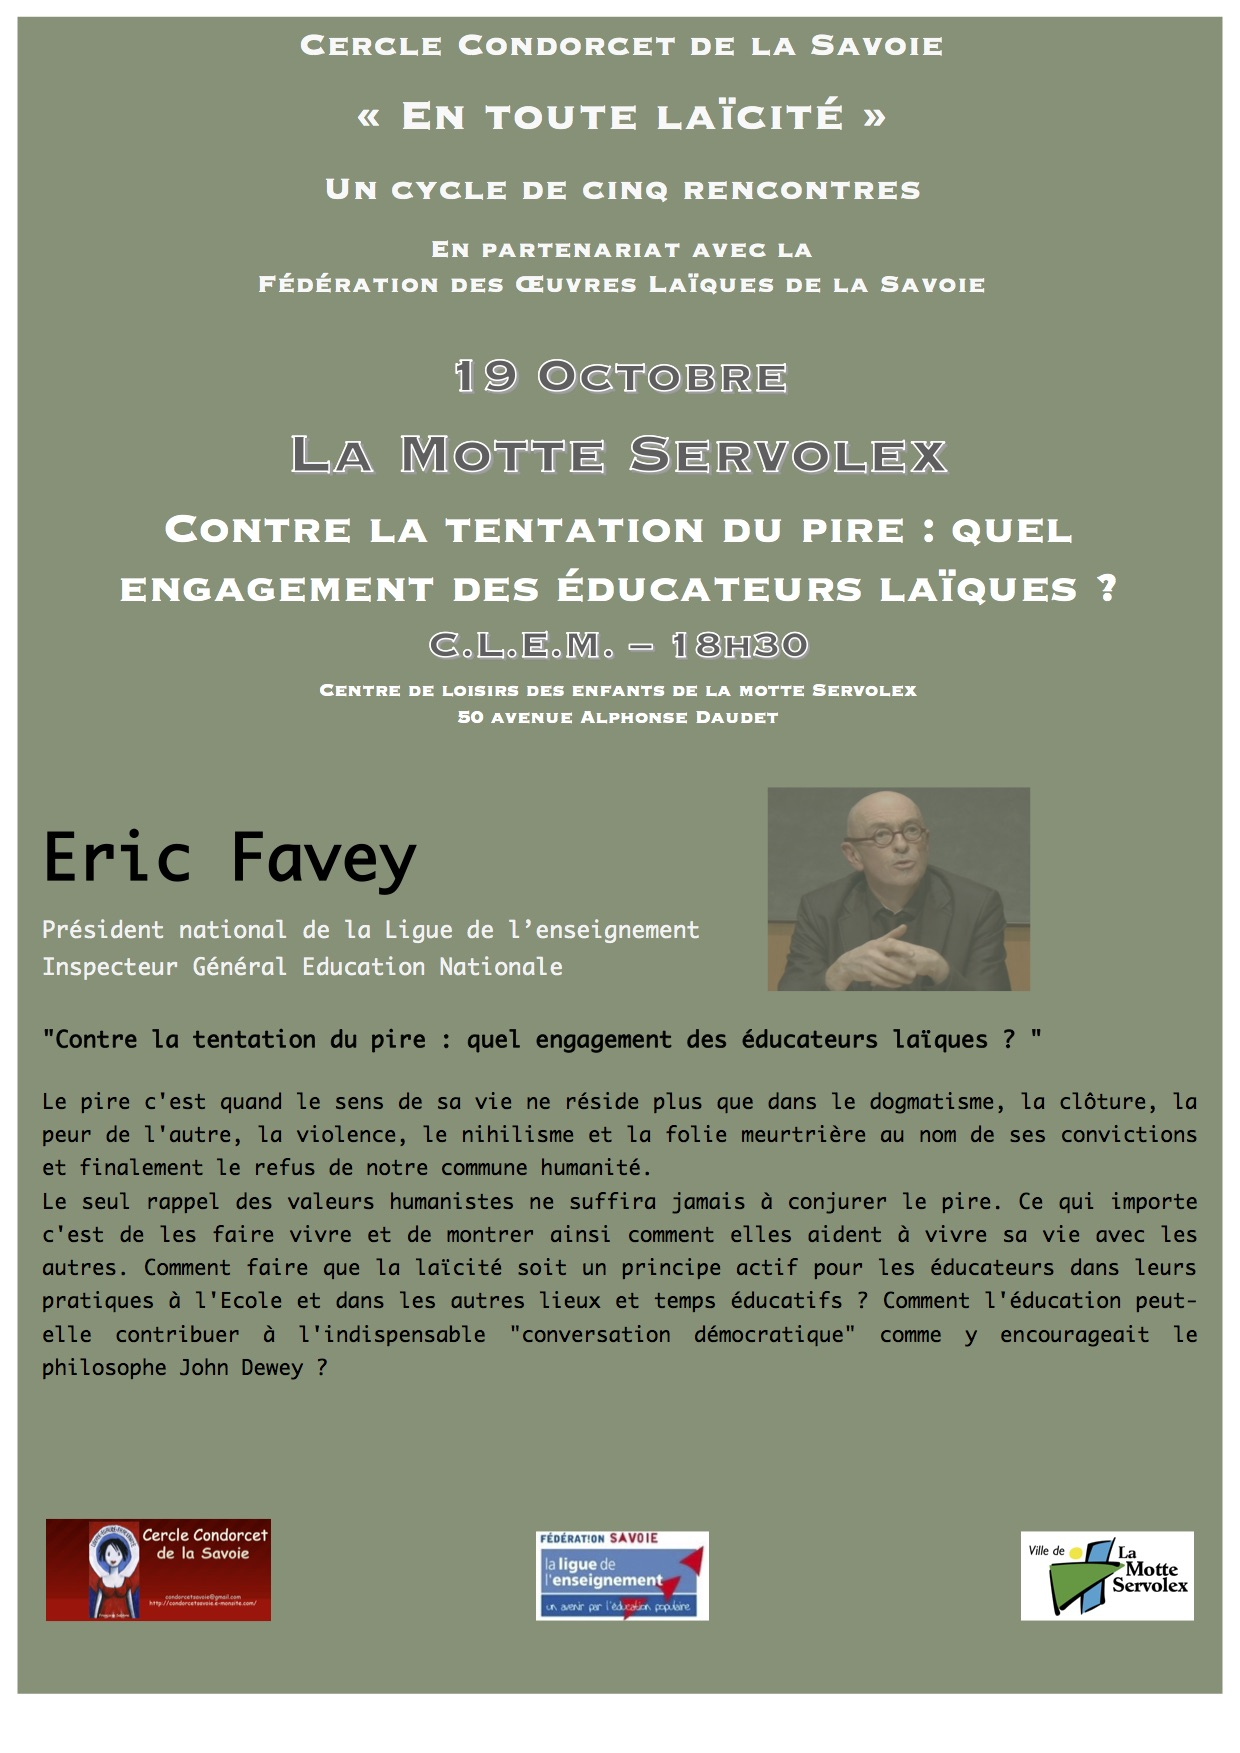 Flyer favey 1